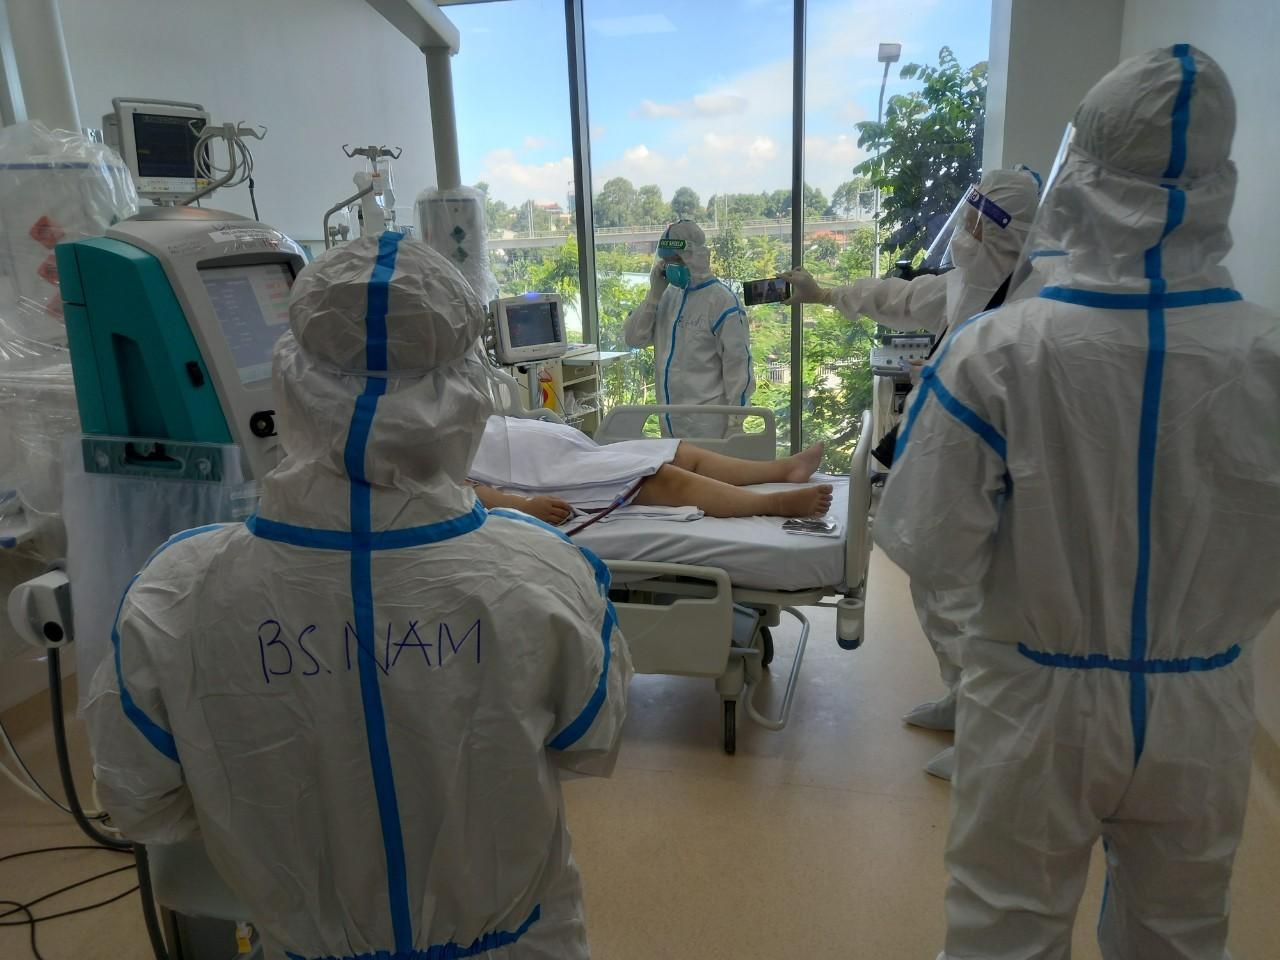 Bệnh viện Hồi sức COVID-19 TP.HCM đã có 500 giường đi vào hoạt động - 1